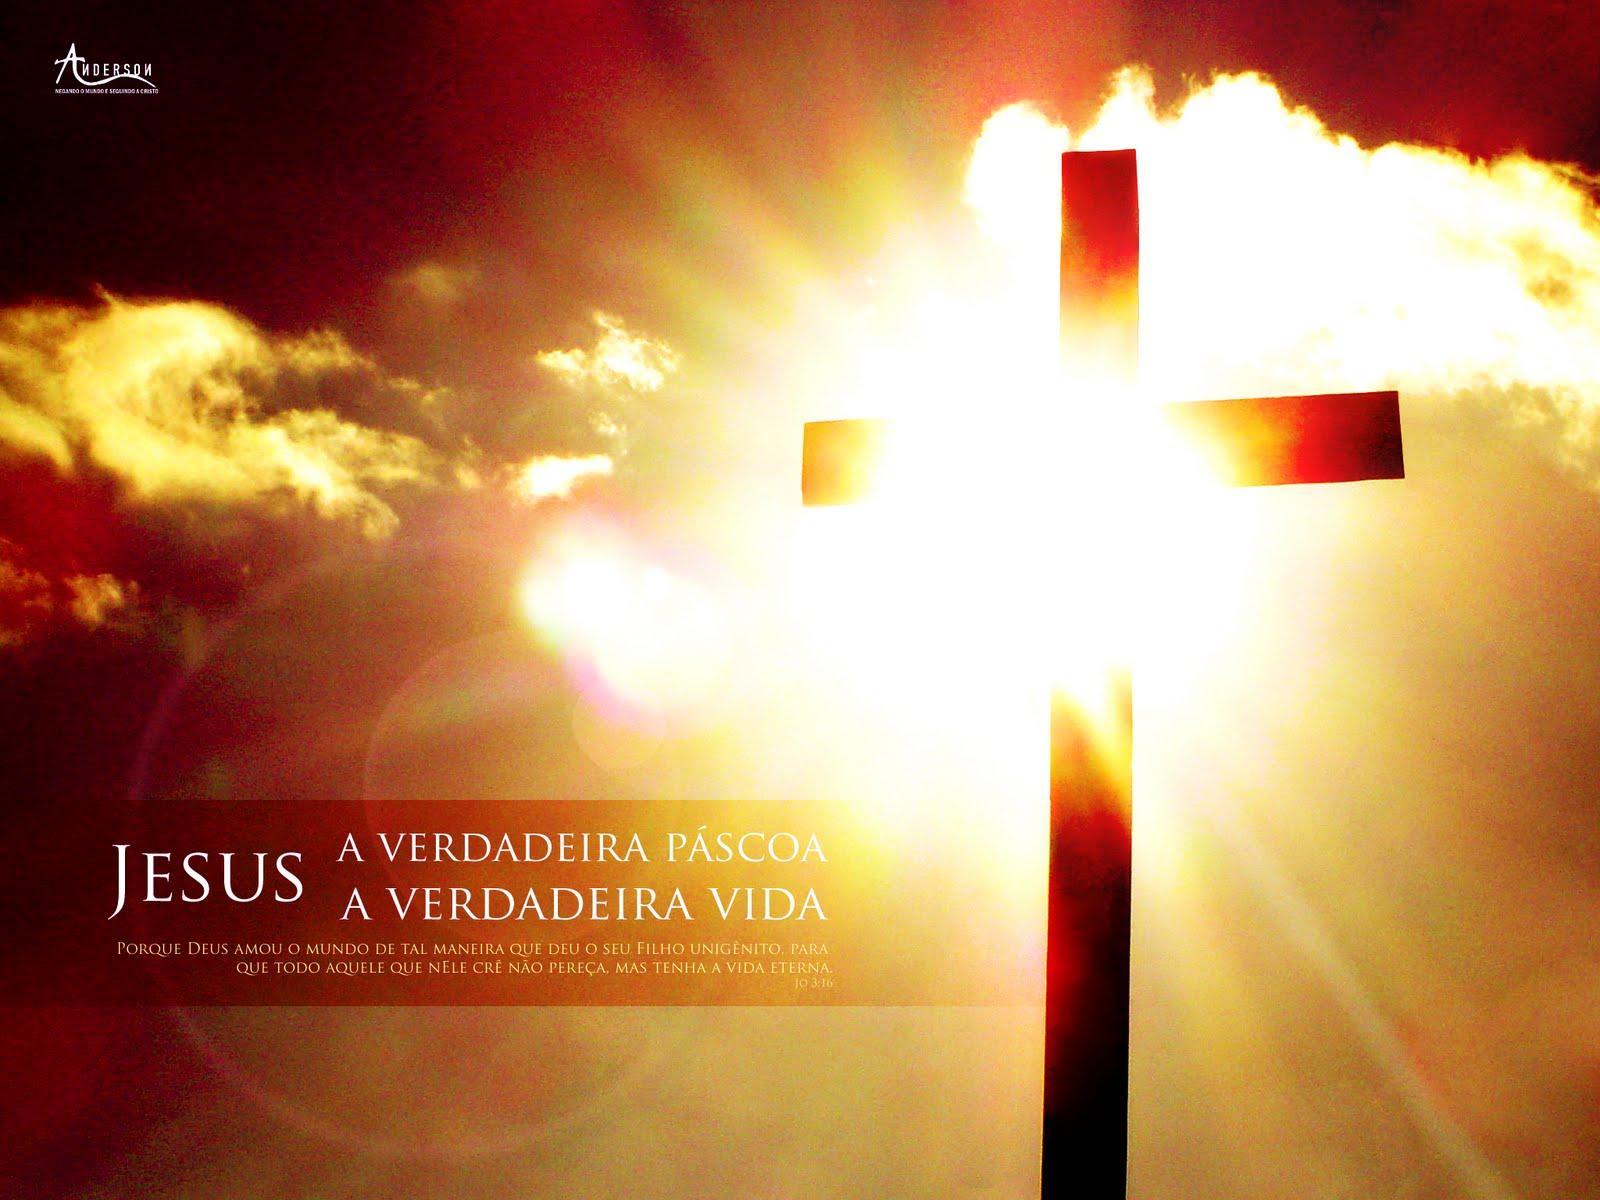 Lembre-se da ressurreição de Cristo (Foto: Reprodução/Site Evangélico)